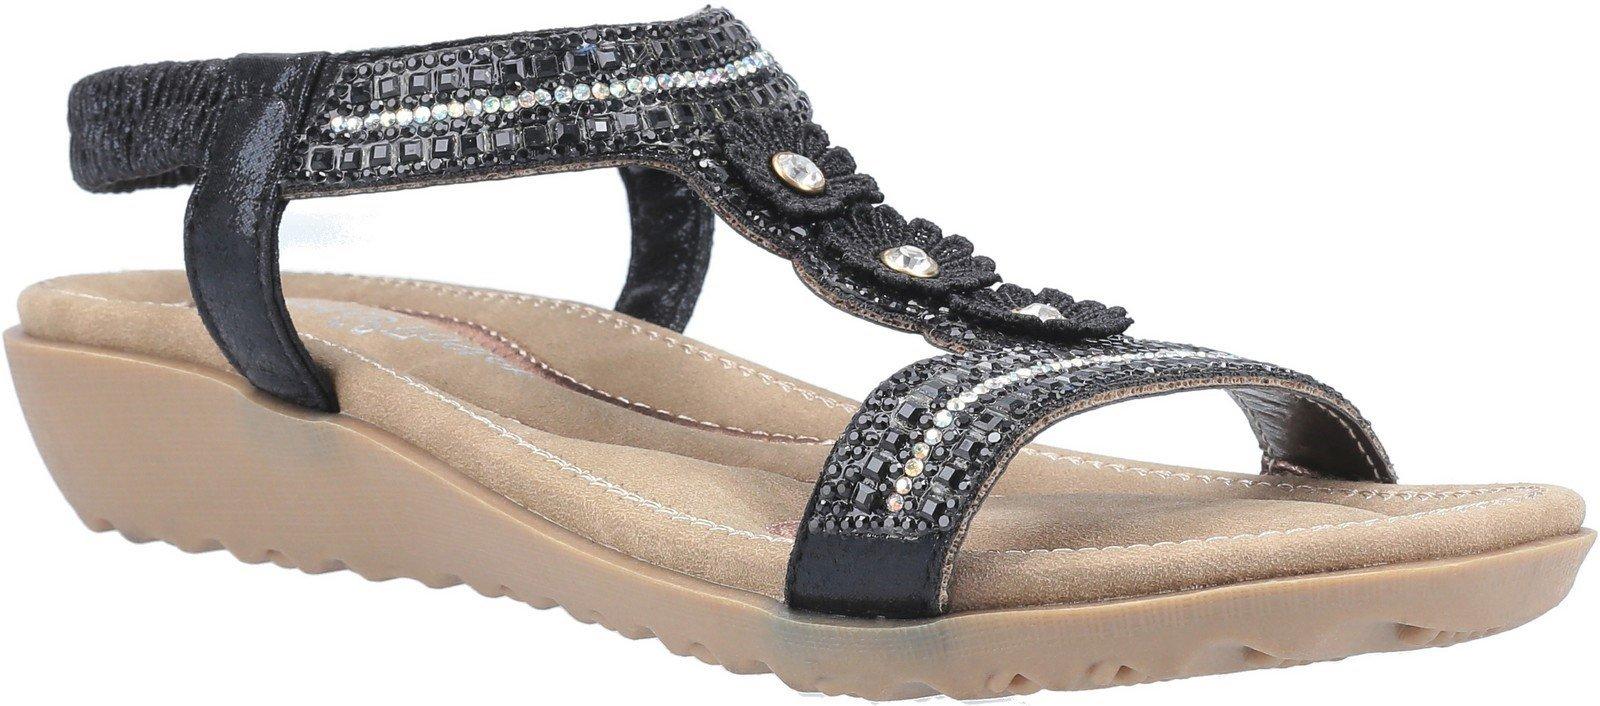 Fleet & Foster Women's Tabitha Slip On Sandal Various Colours 30099 - Black 3